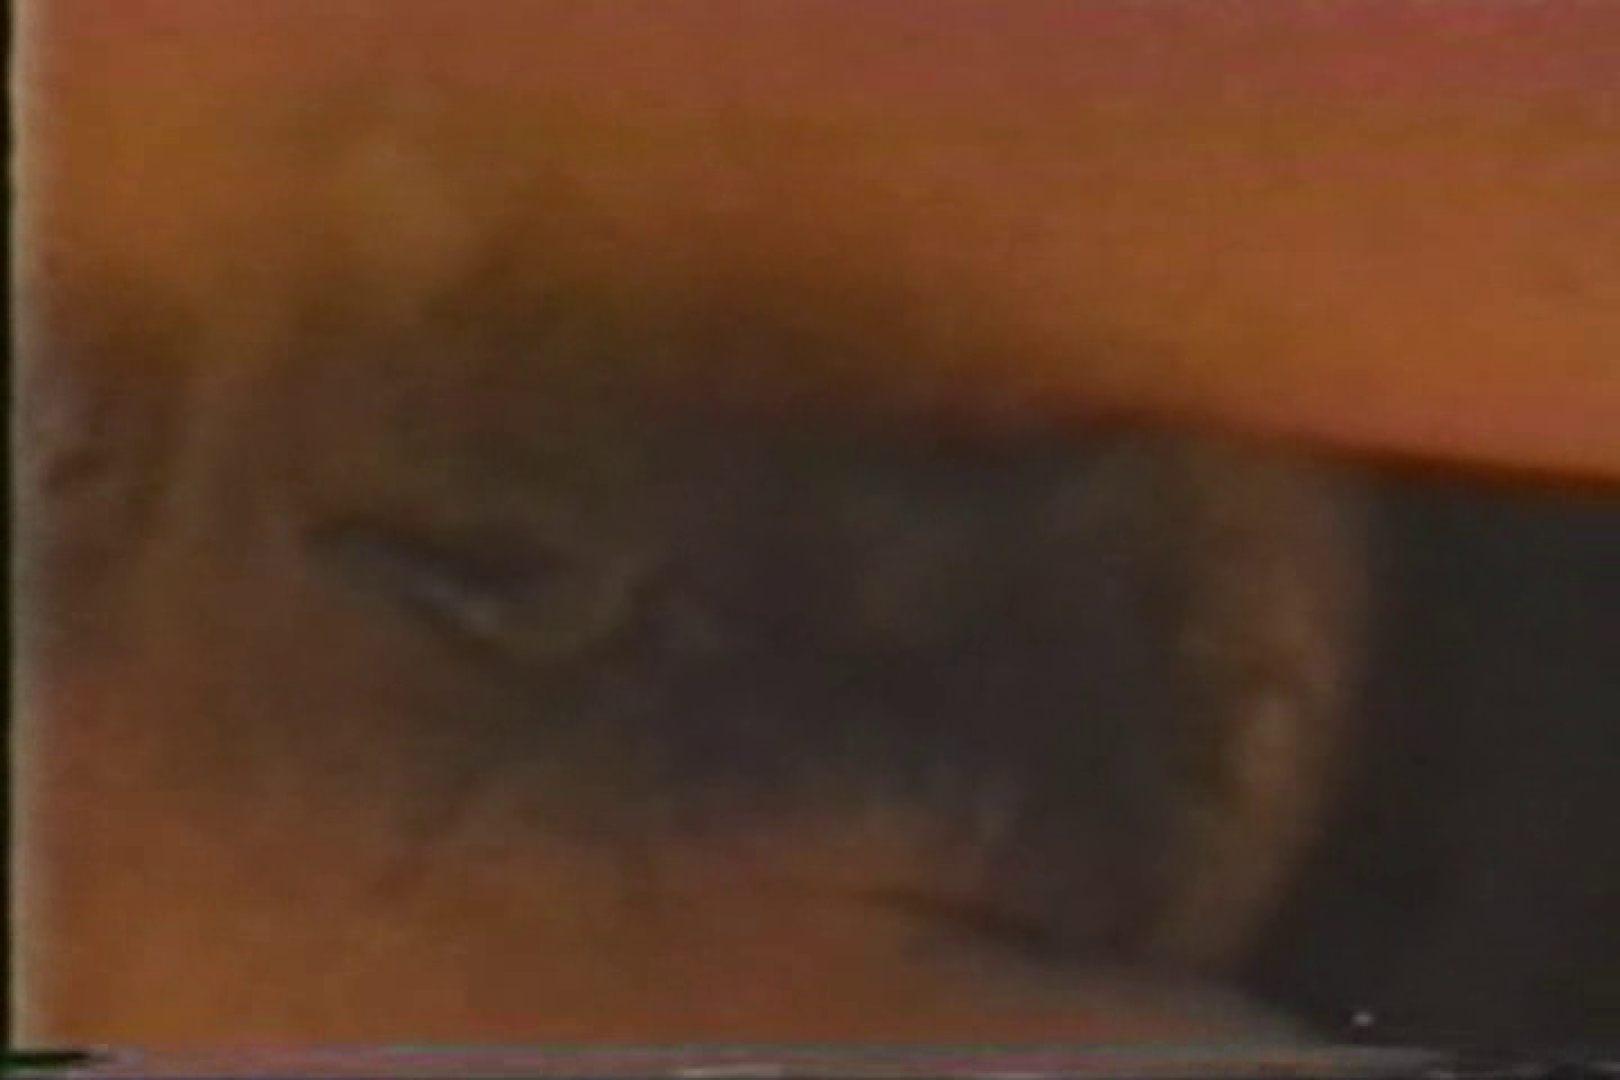 洋式洗面所オリジナルVol.2 女性の肛門  64画像 6